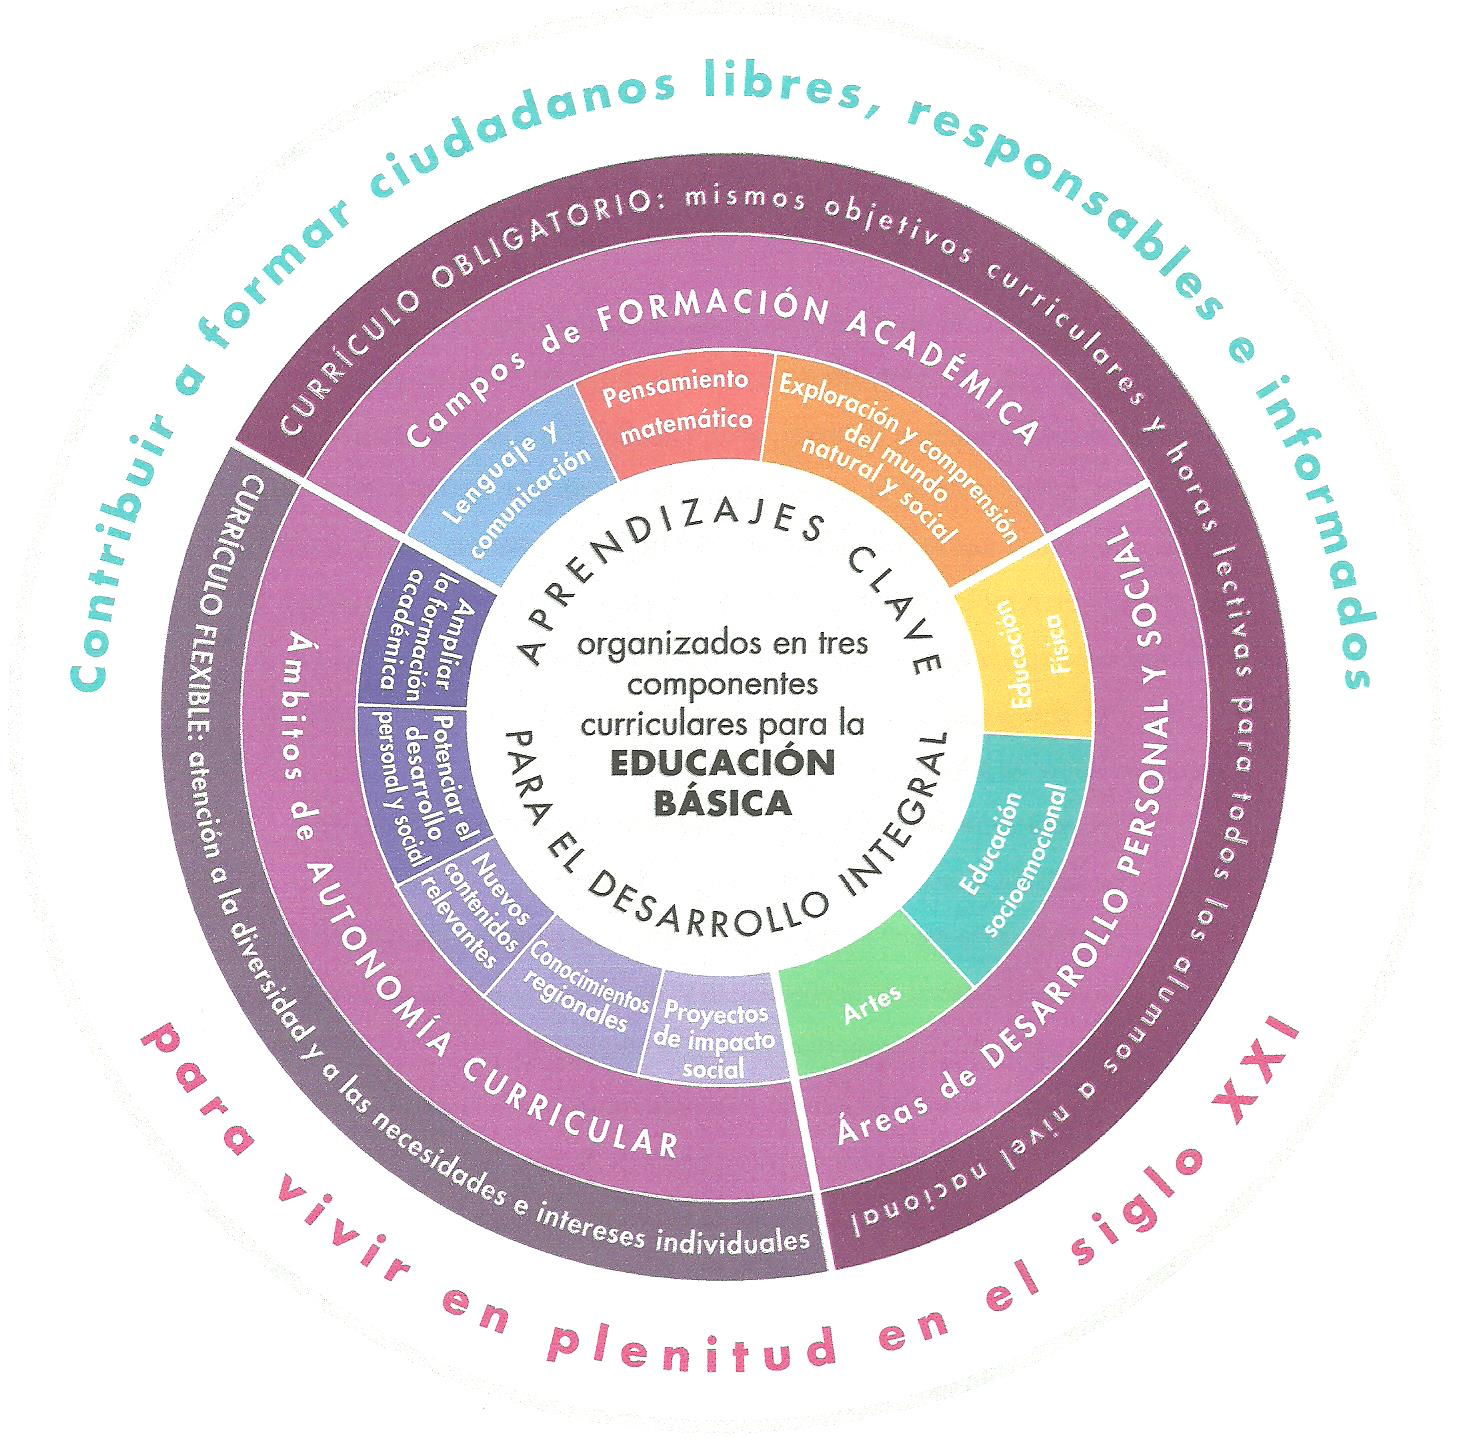 nuevo modelo educativo 001